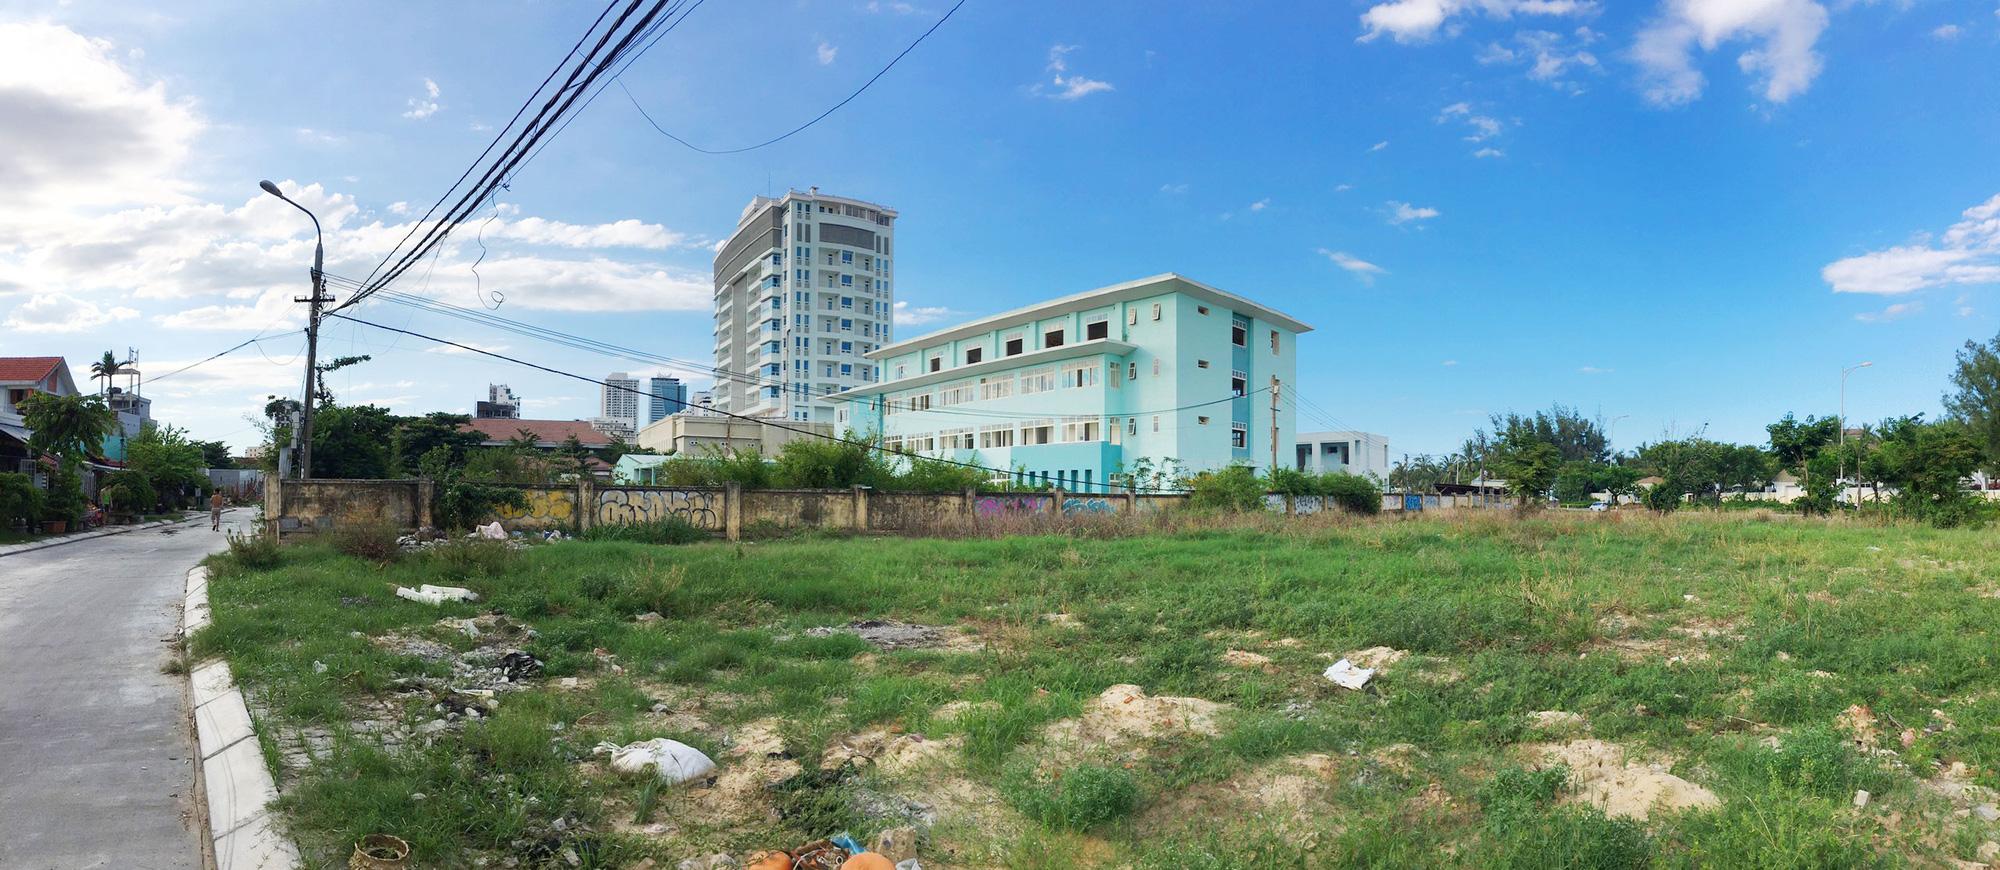 Cận cảnh hai khu đất sát bãi biển Mỹ Khê đẹp nhất Đà Nẵng sẽ đấu giá làm bãi đỗ xe - Ảnh 6.